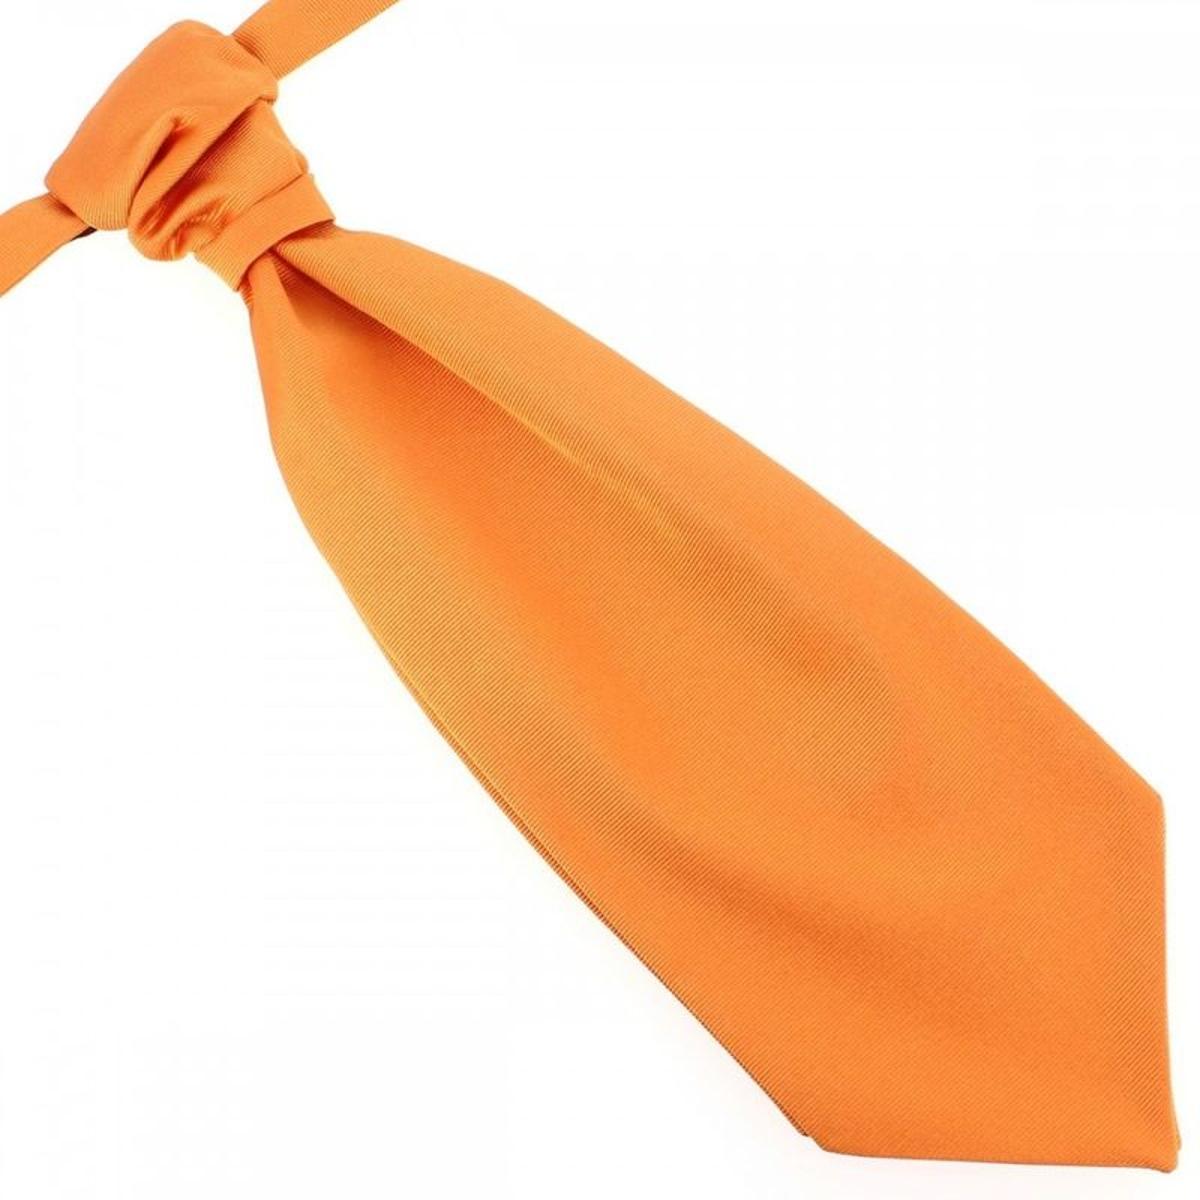 Lavallière nouée en soie, Orange Rame, Faite à la main